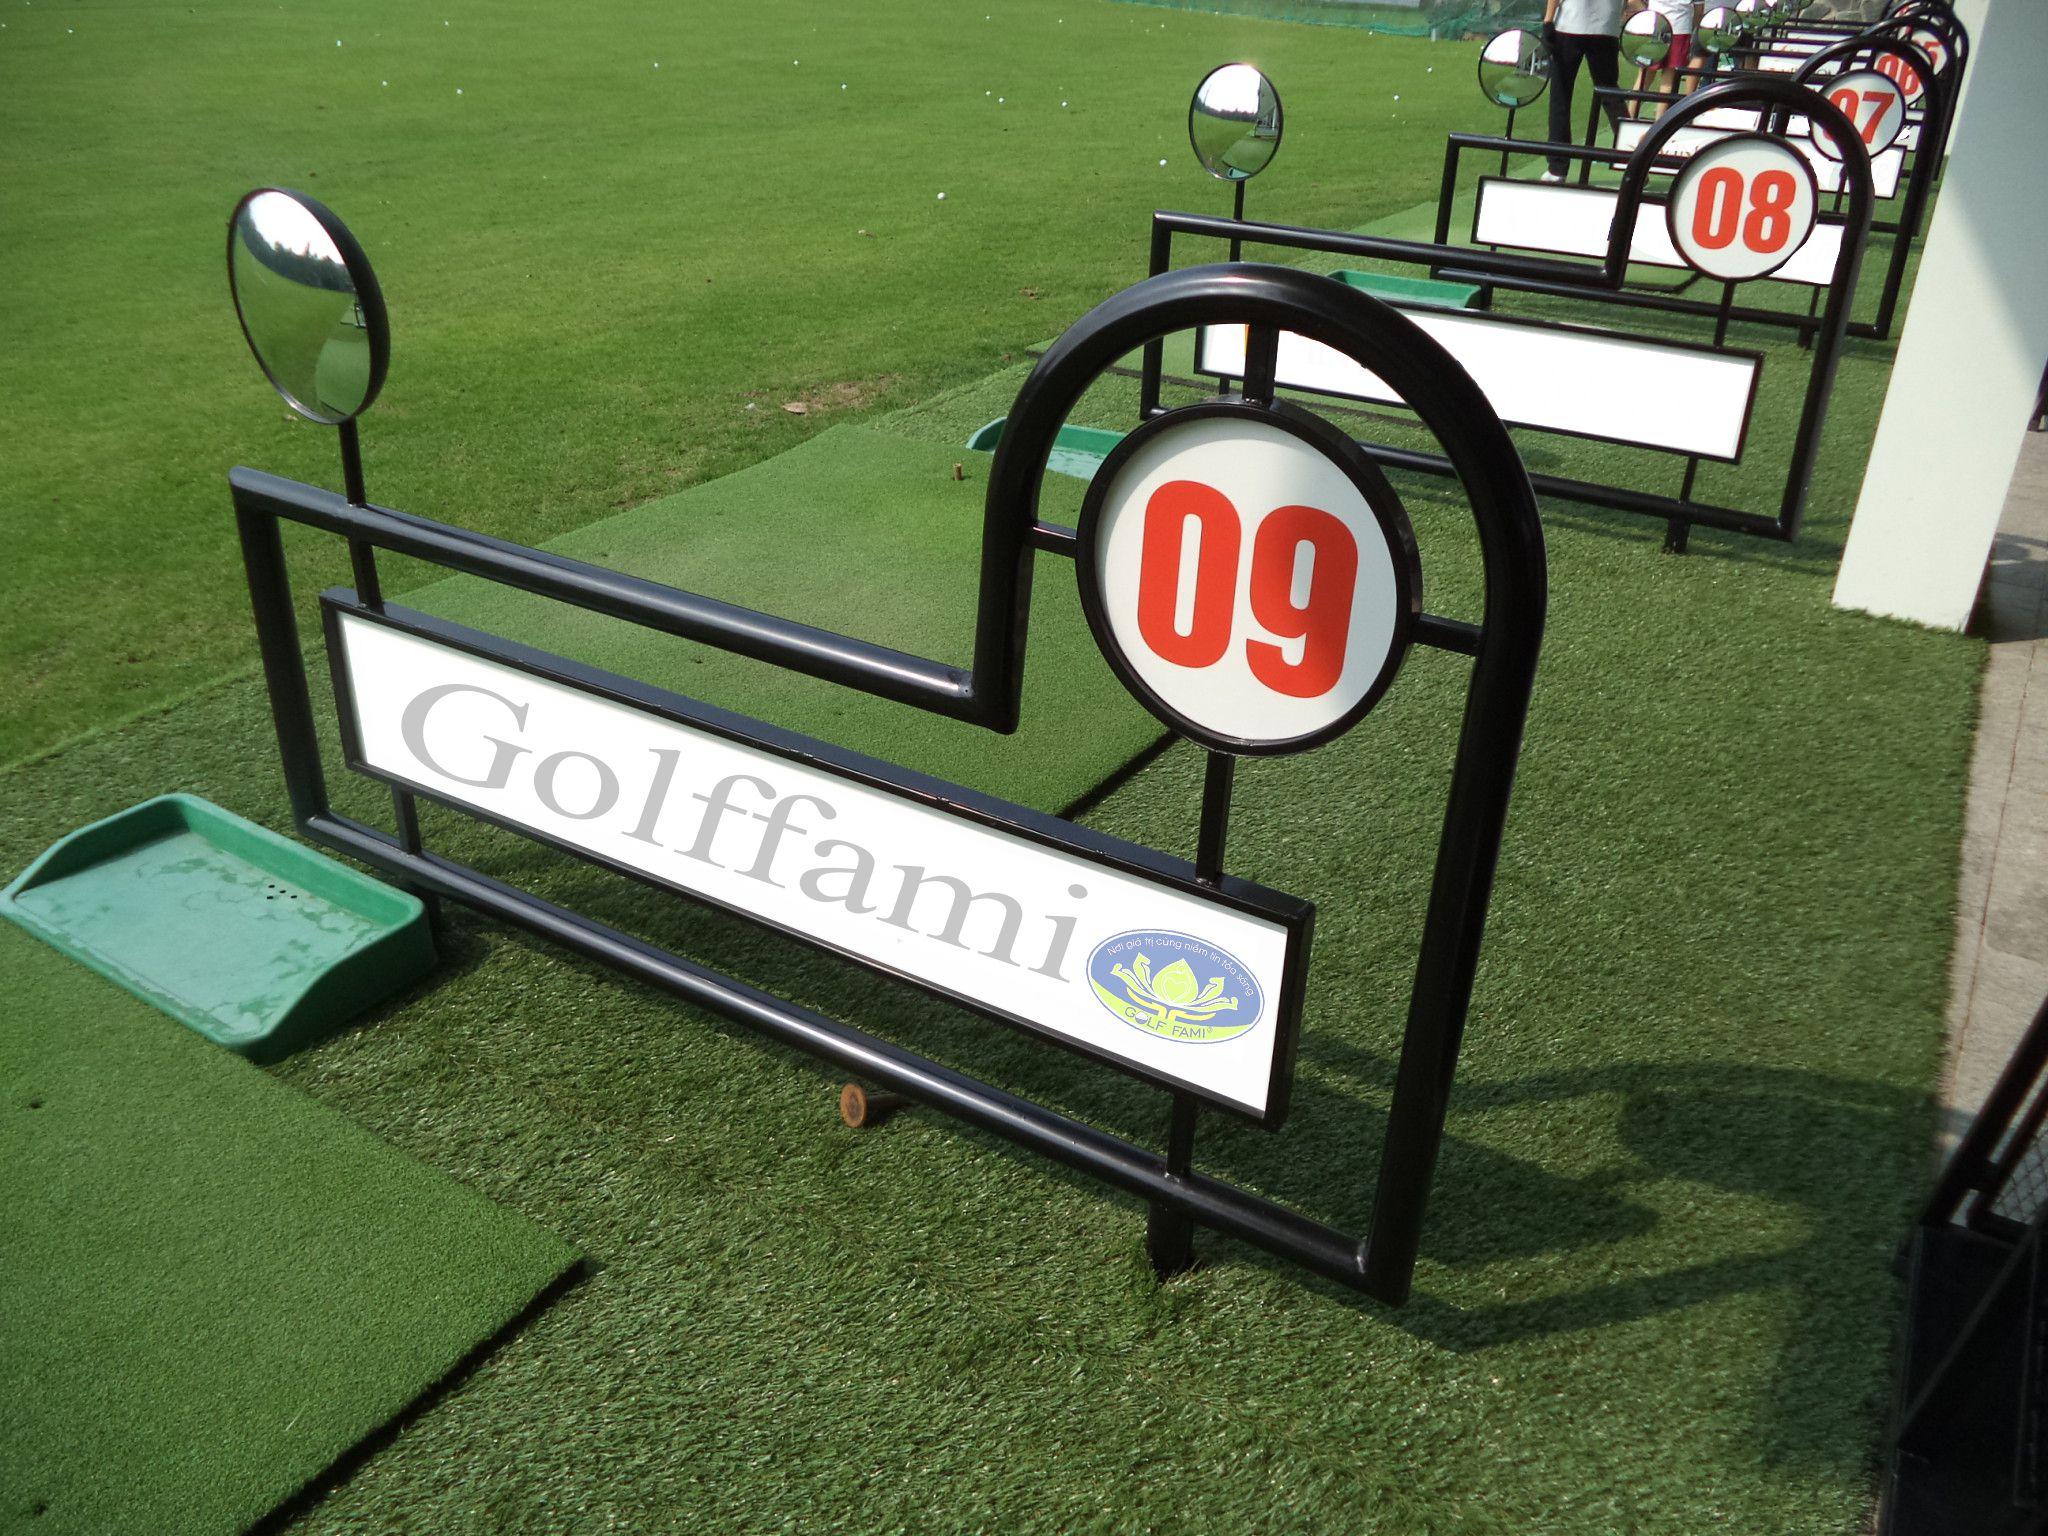 Vách ngân sân tập golf sắt có gương